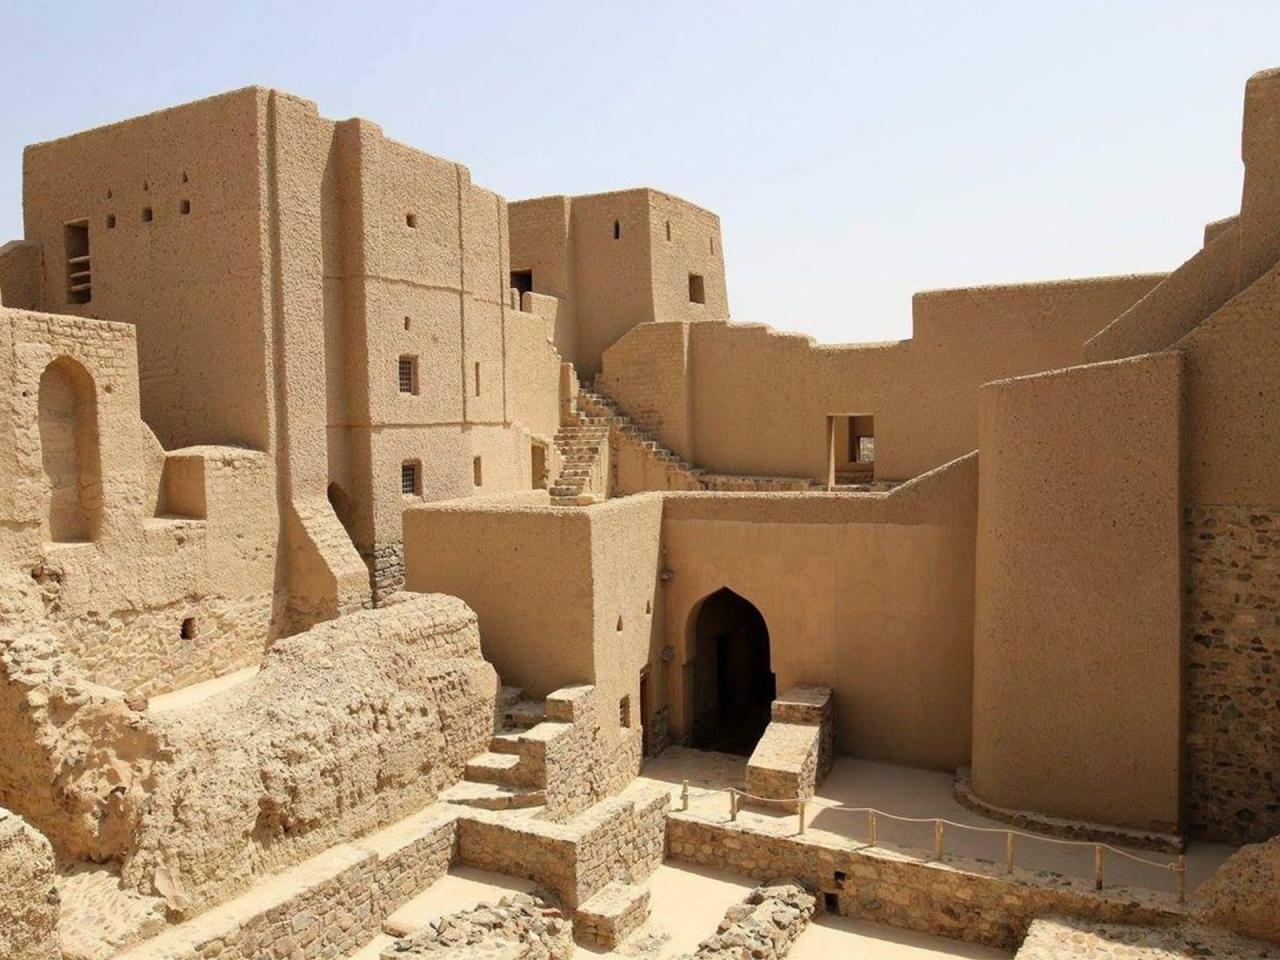 بهلاء یکی از مكانهای زیبا واقع در شمال کشور عمان